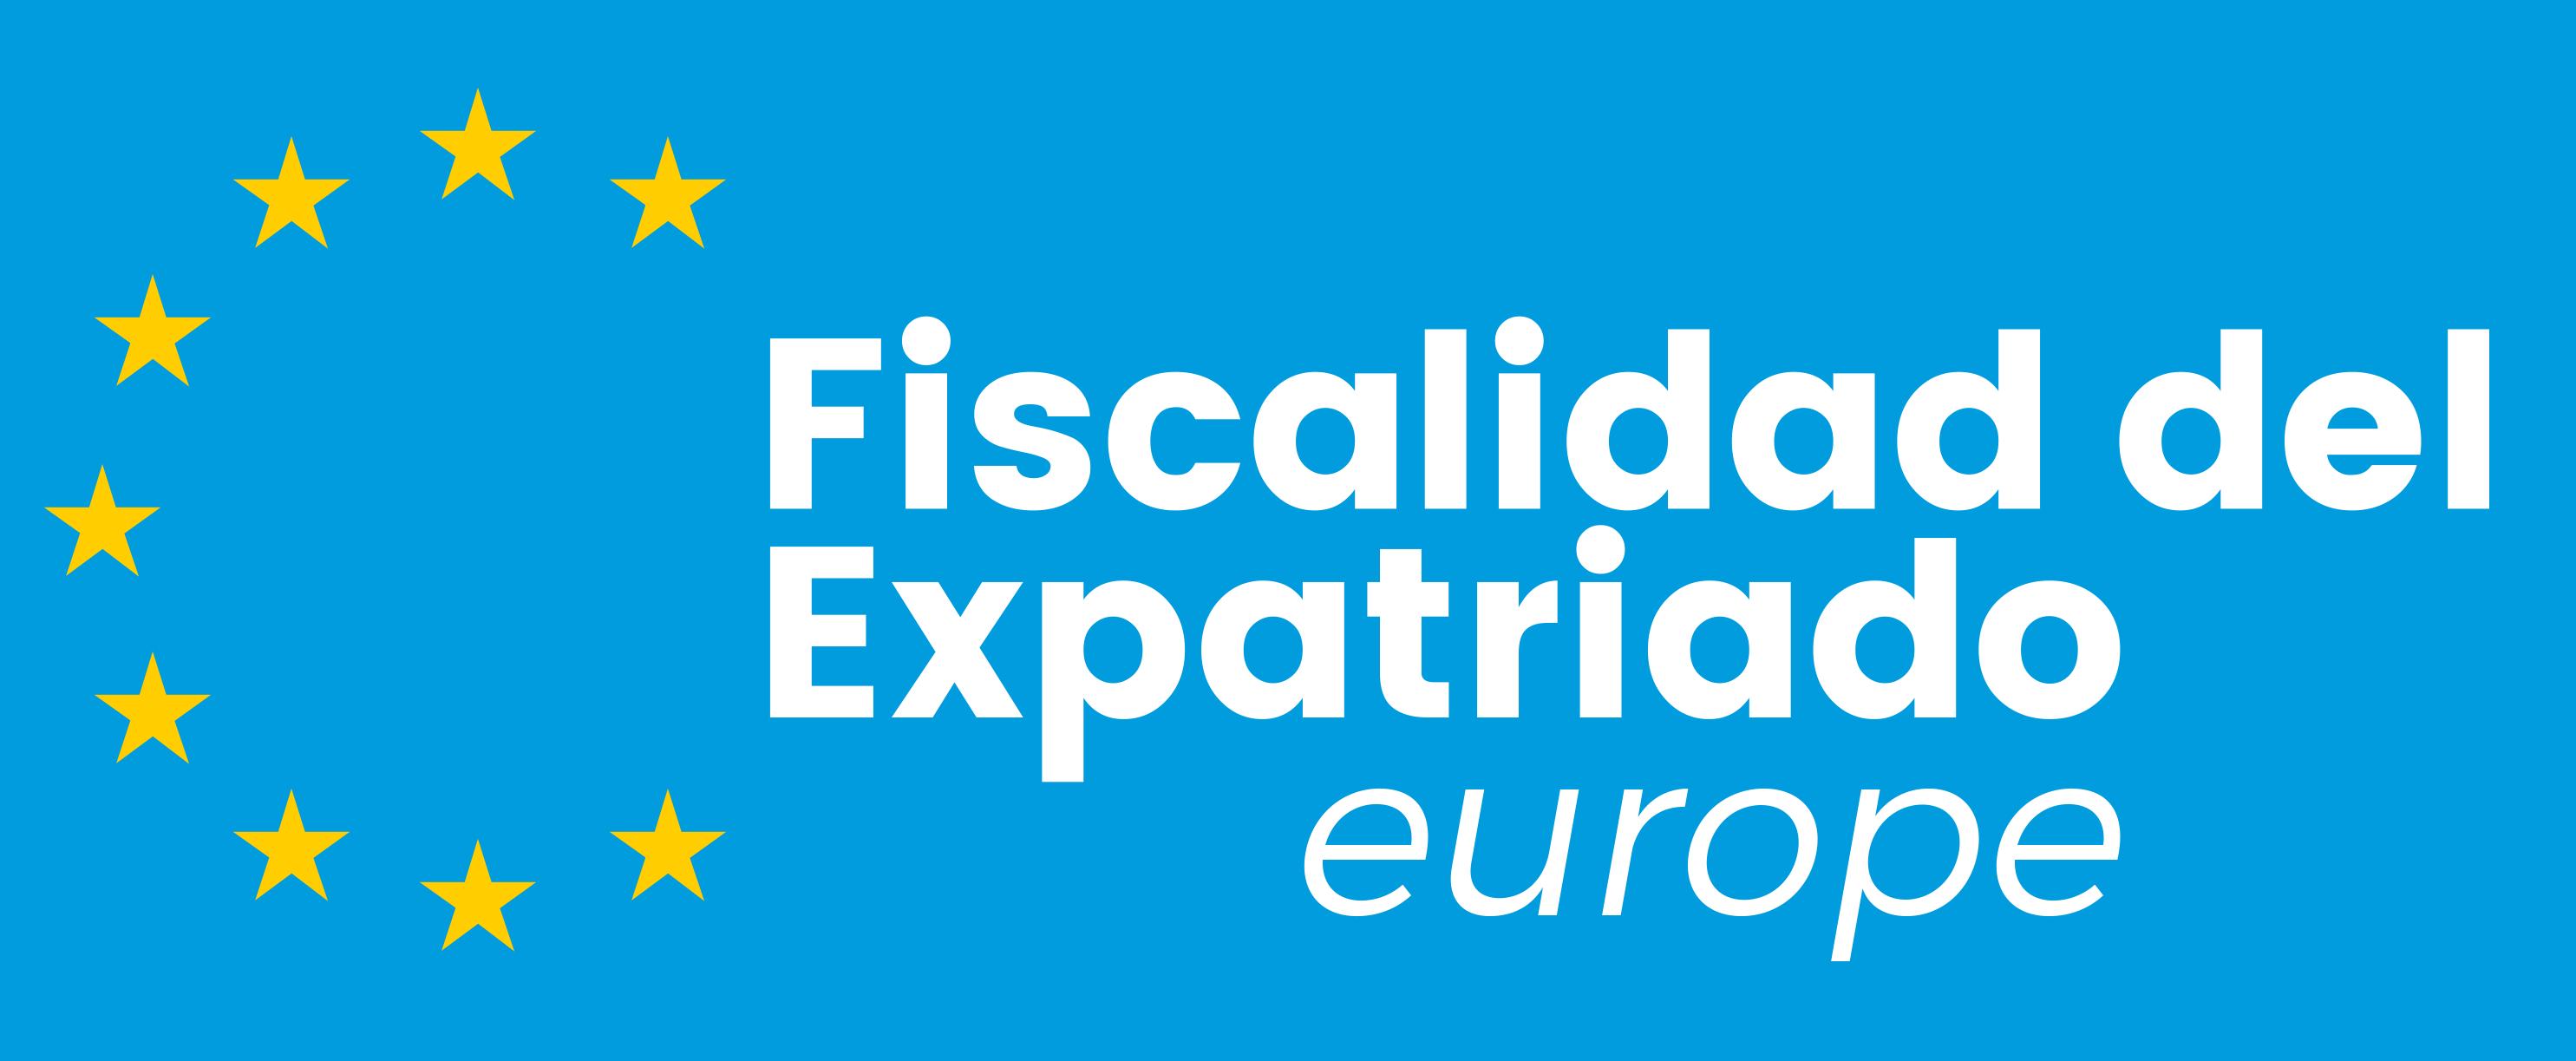 Fiscalidad del Expatriado - Europe